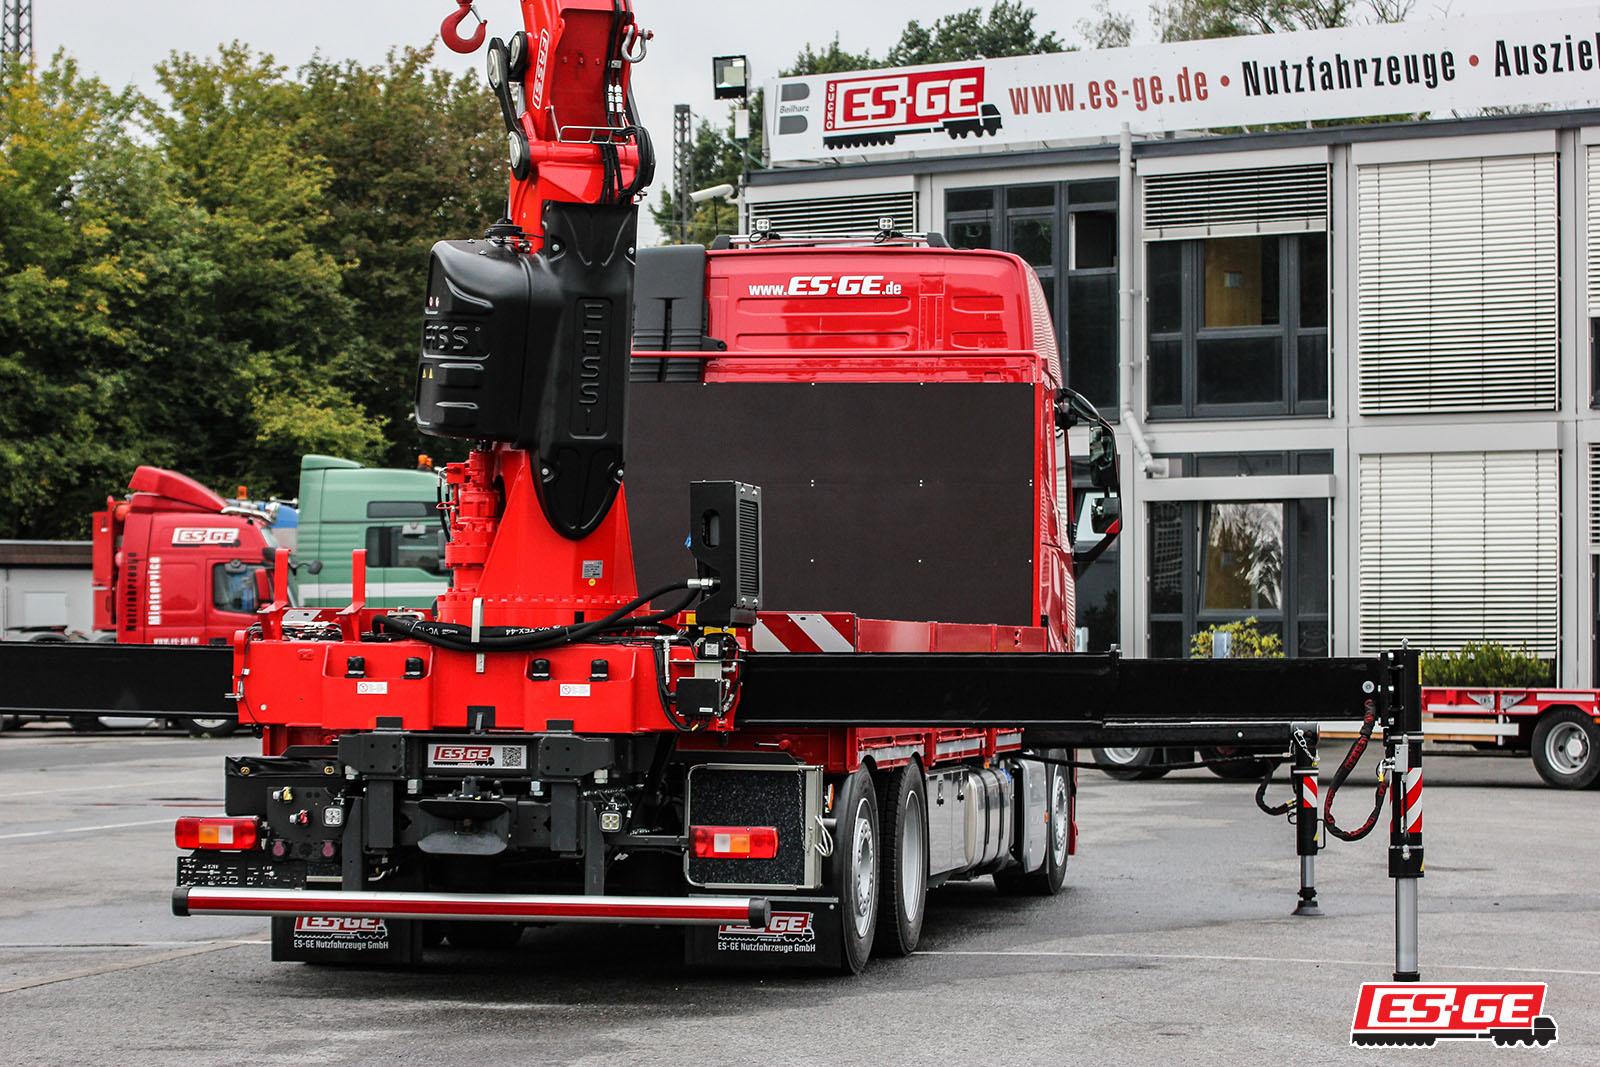 TEP-Gmbh-Volvo-LKW-mit-Ladekran-TEP-GmbH-Referenzen-ES-GE-2